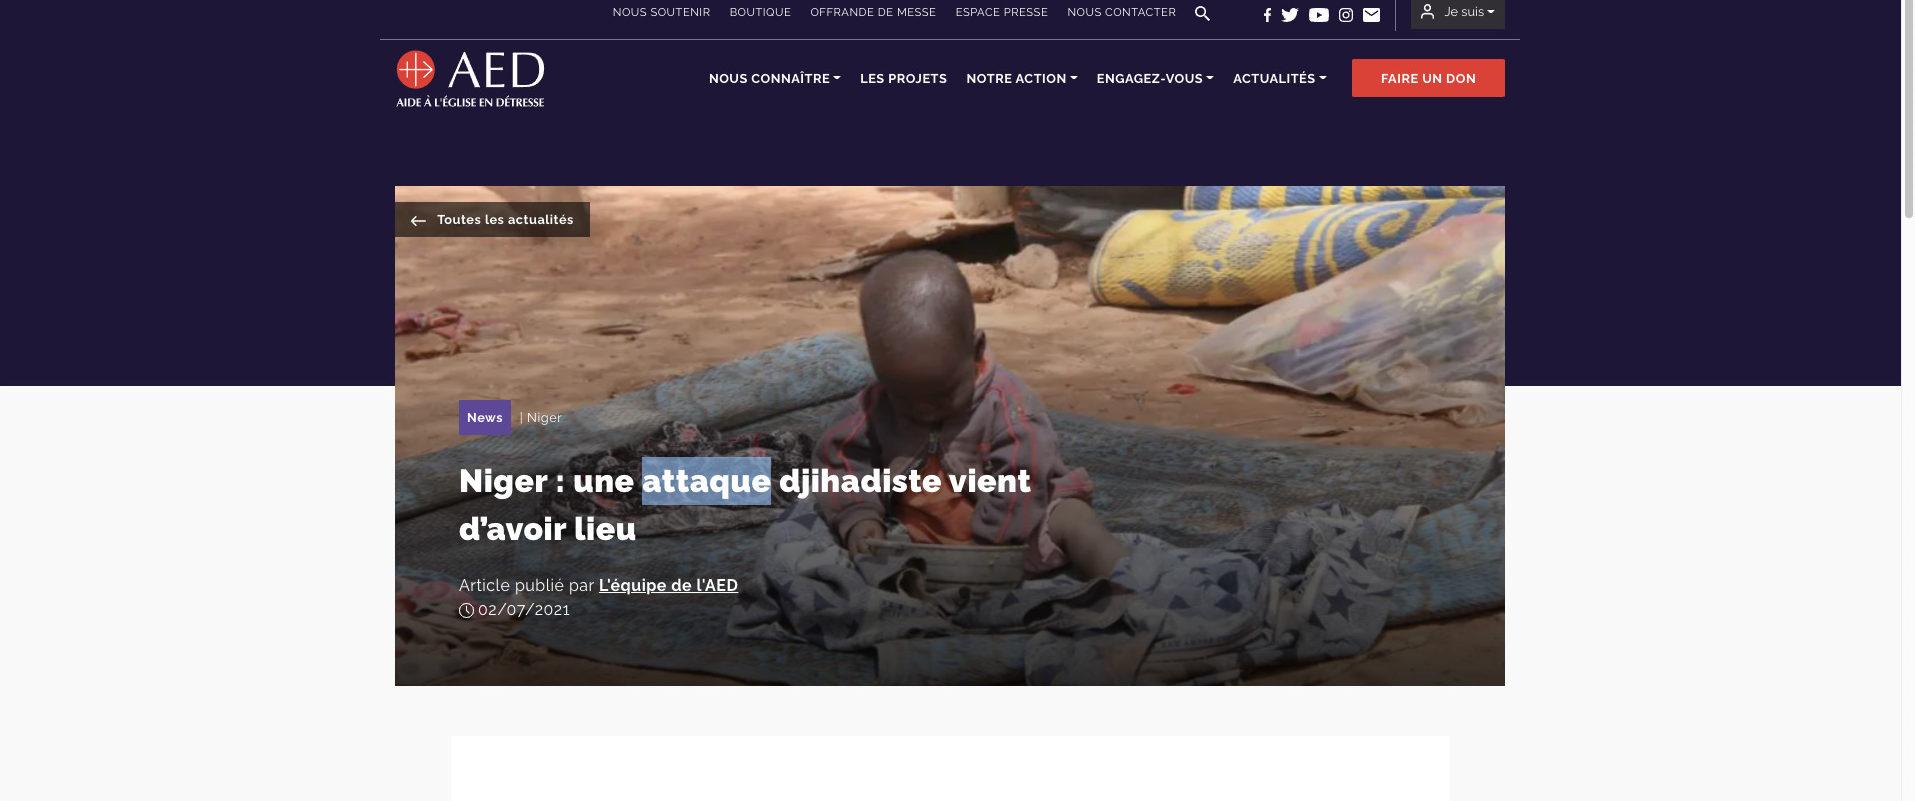 Attaque au Niger, capture Zenit / AED